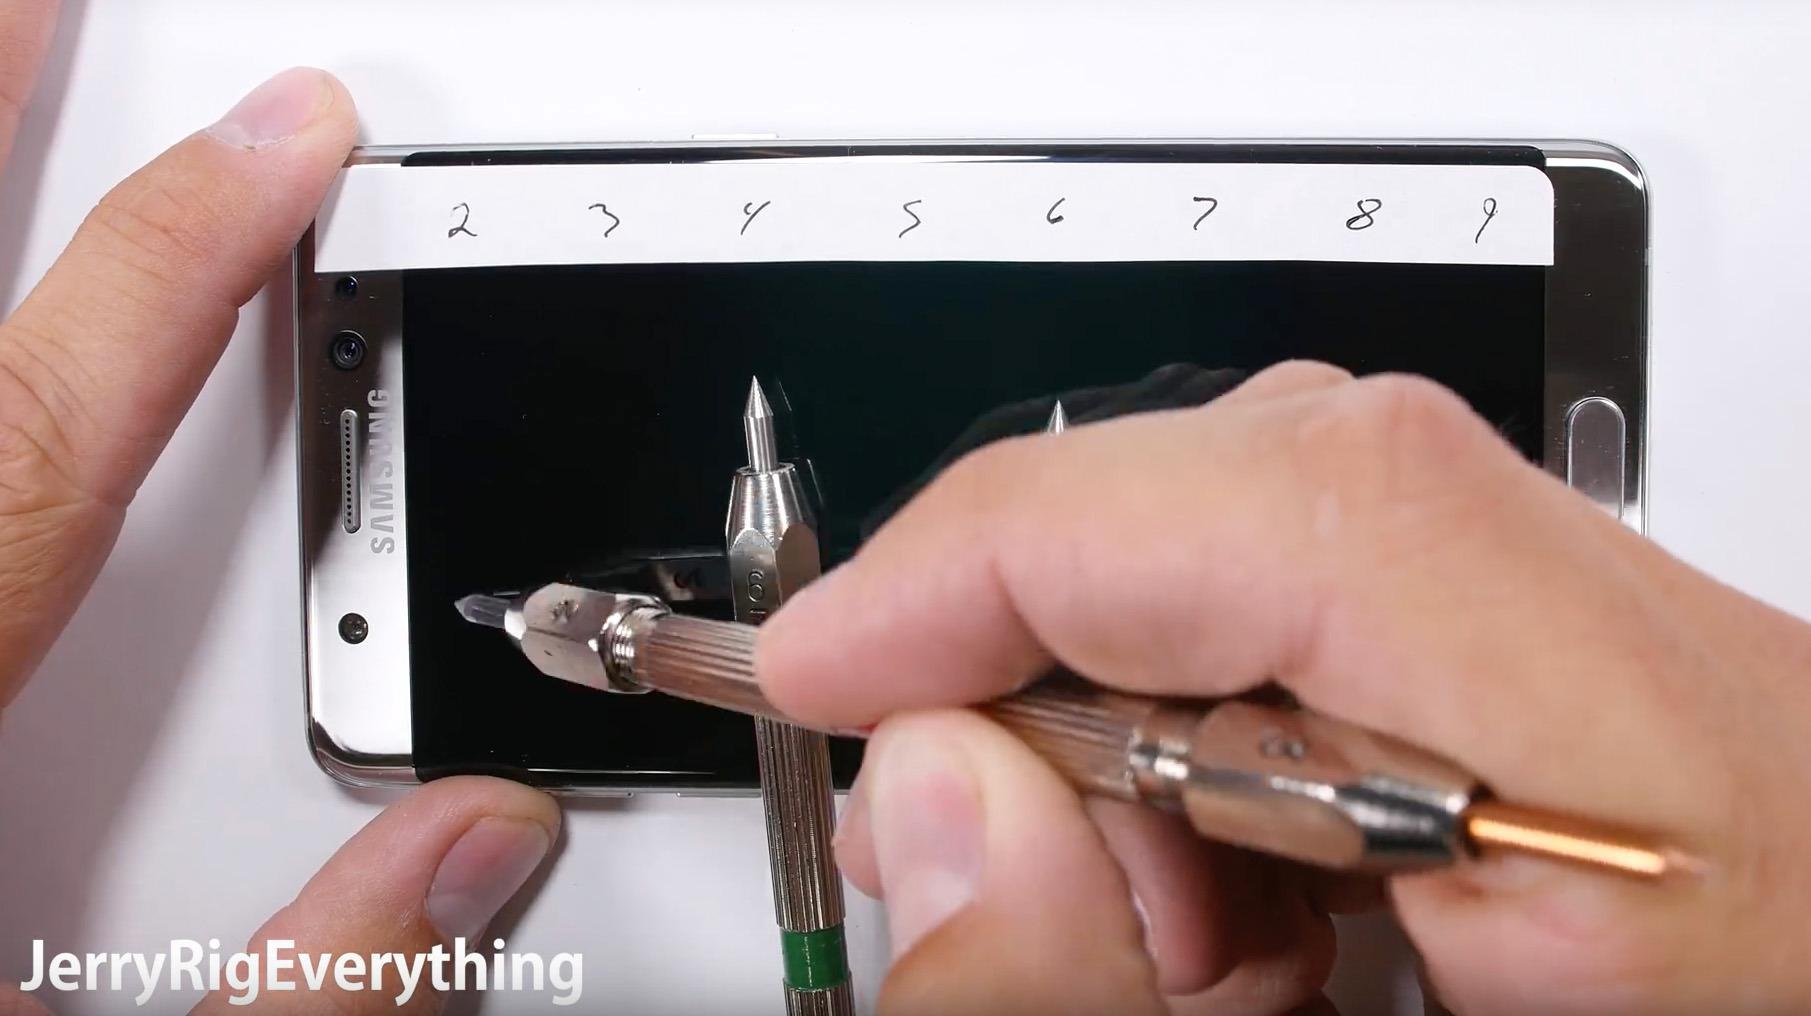 Mineralog bekrefter at YouTube-video ikke viser at Galaxy Note 7 lett lar seg ripe